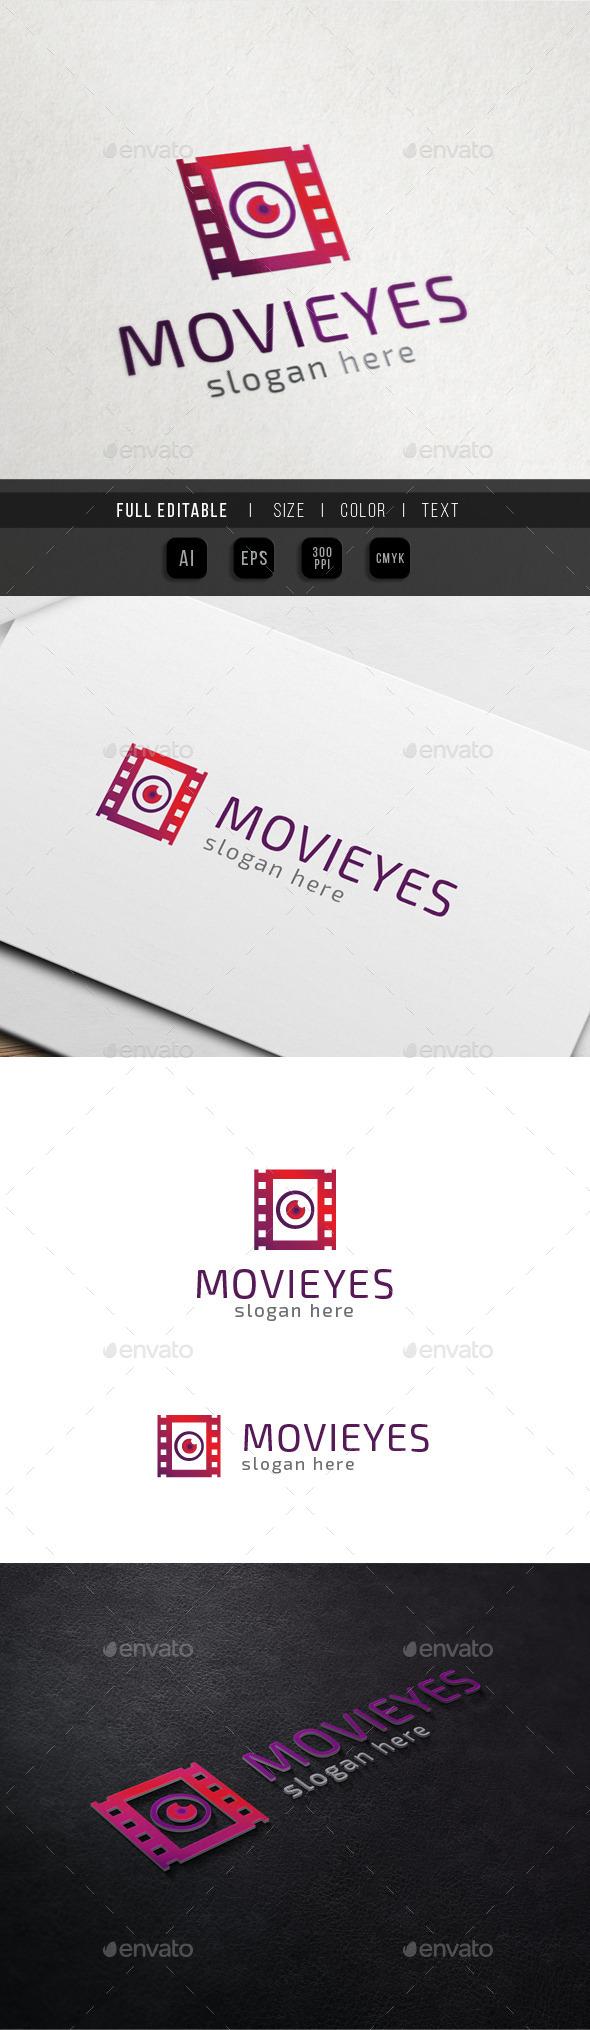 Movie Vision - Eye Media - Filmography